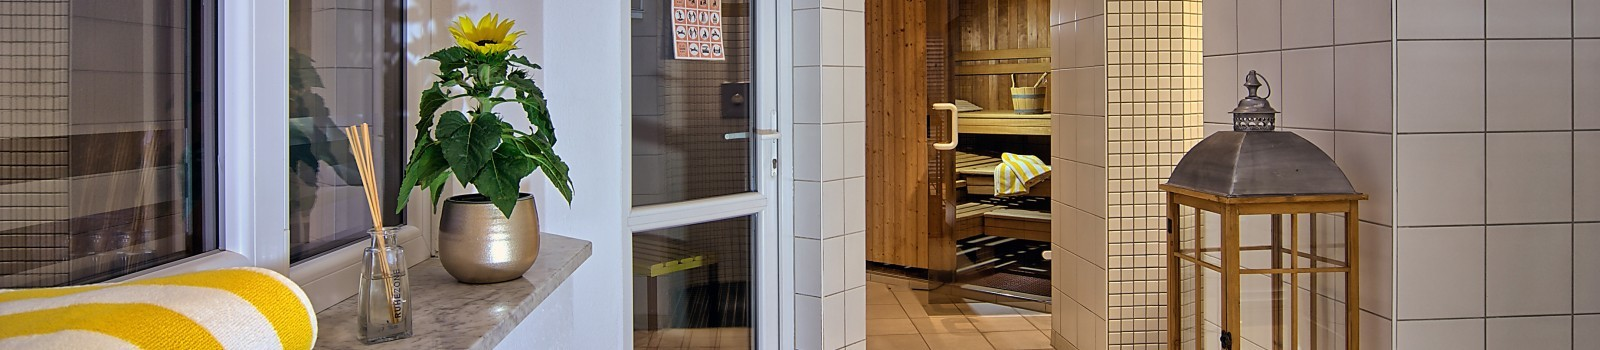 Sauna im Hotel Grünberger